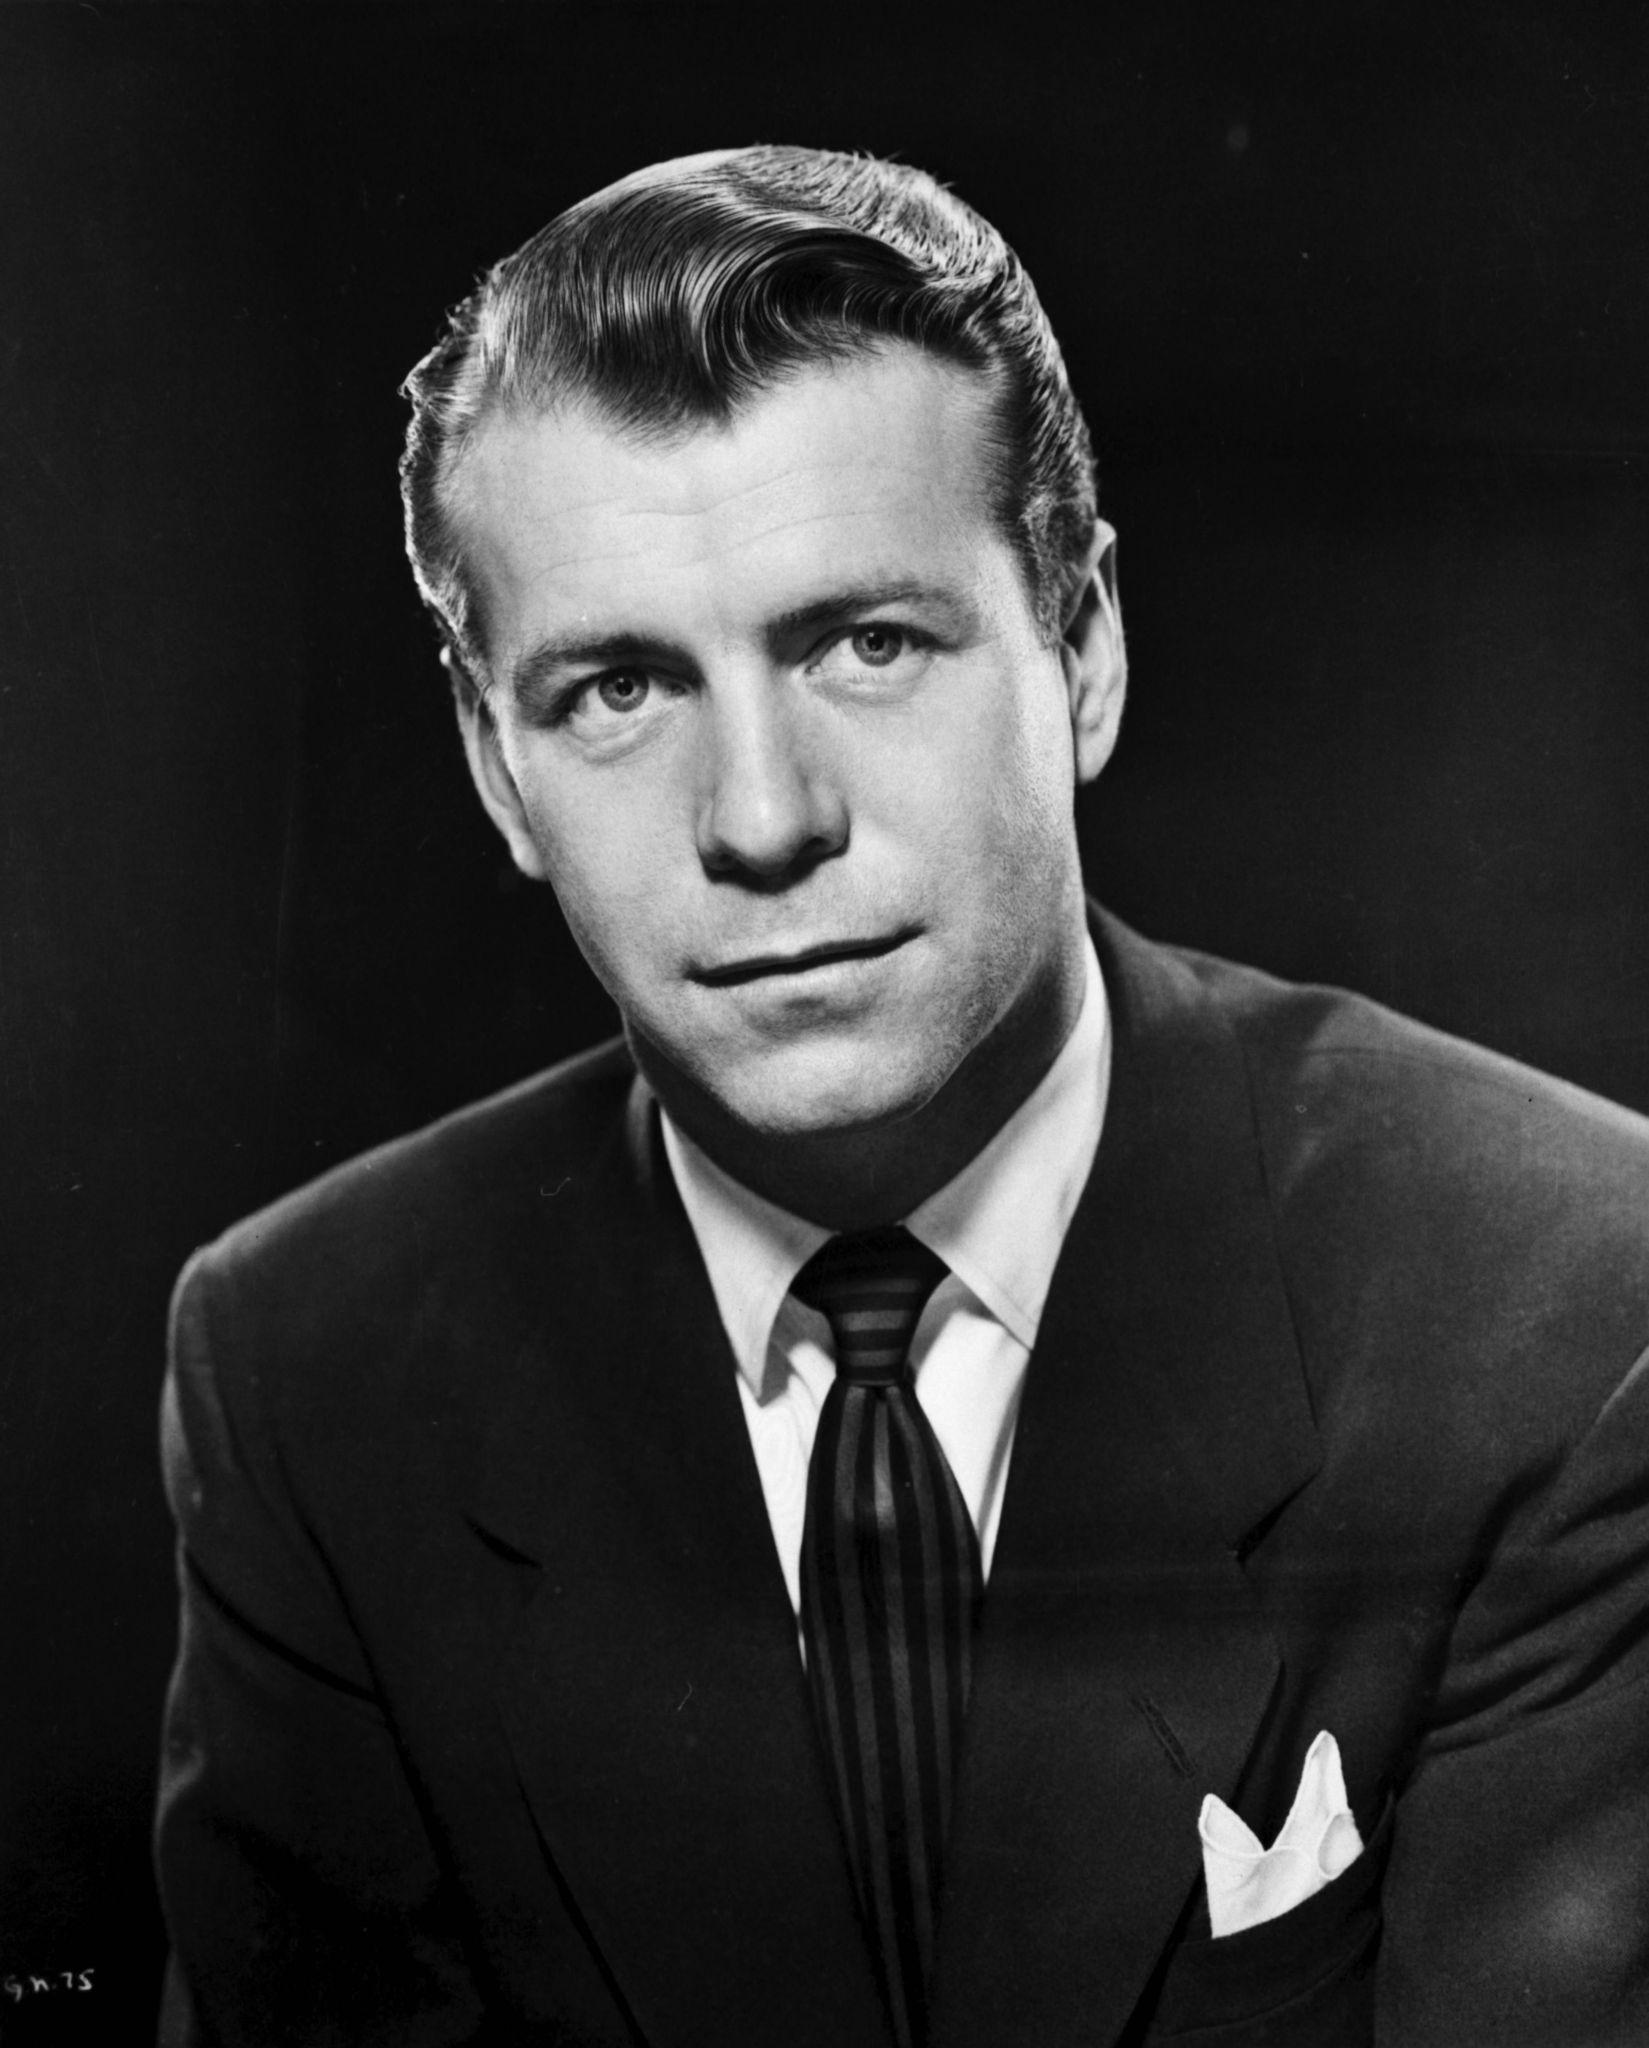 Gene Nelson's primary photo